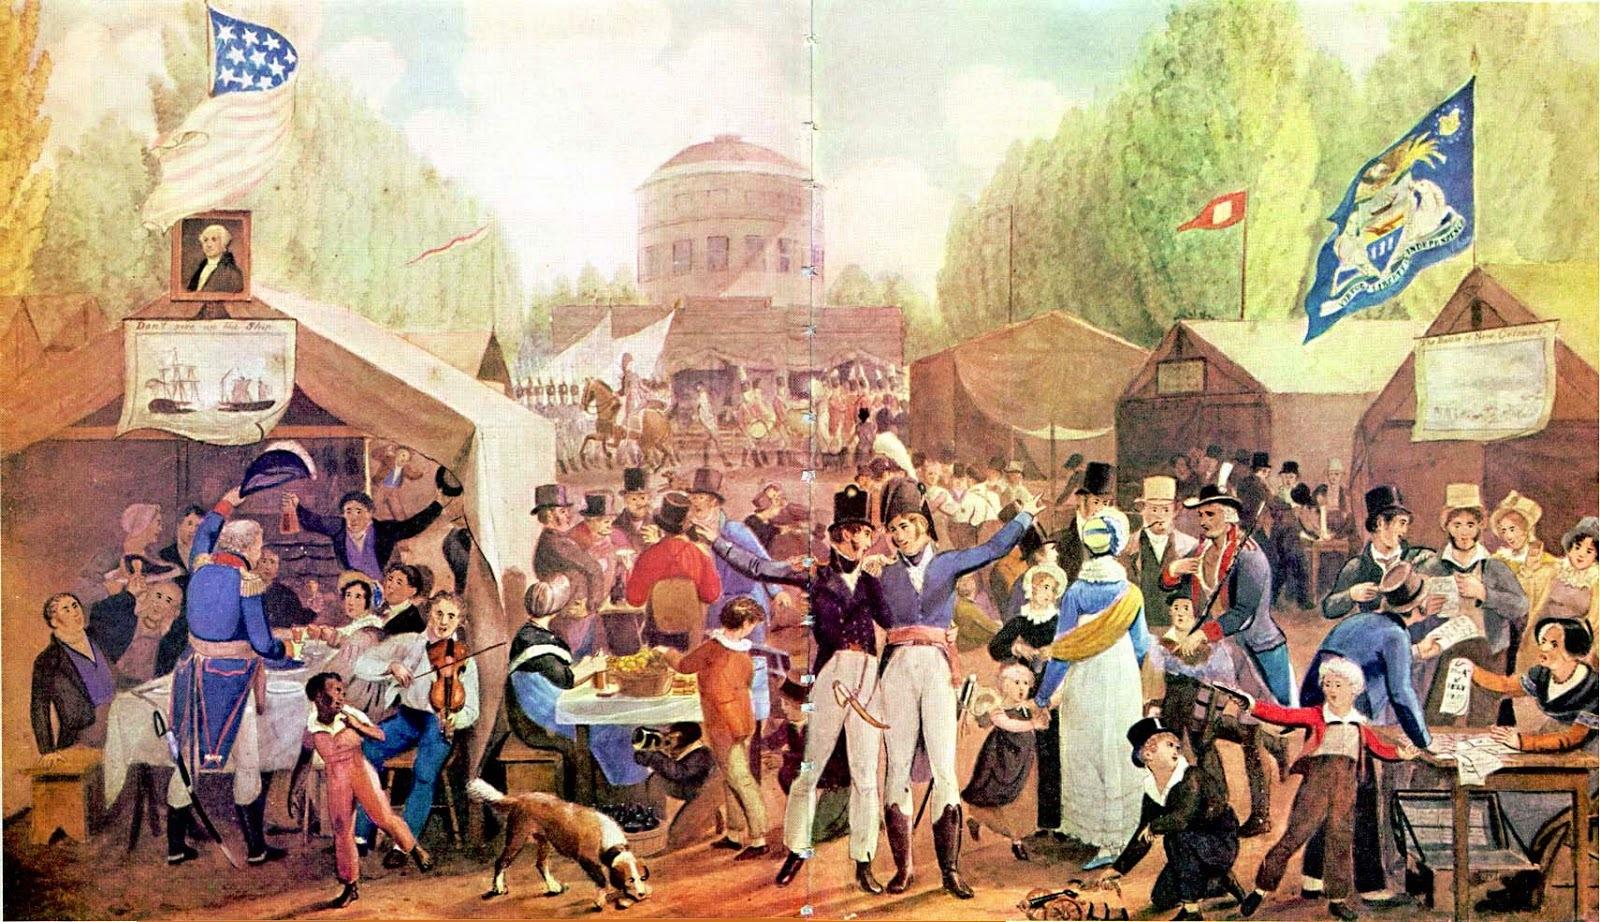 Recettes pour le pique-nique de l'independence day, 4 juillet, la fête nationale des Etats-Unis